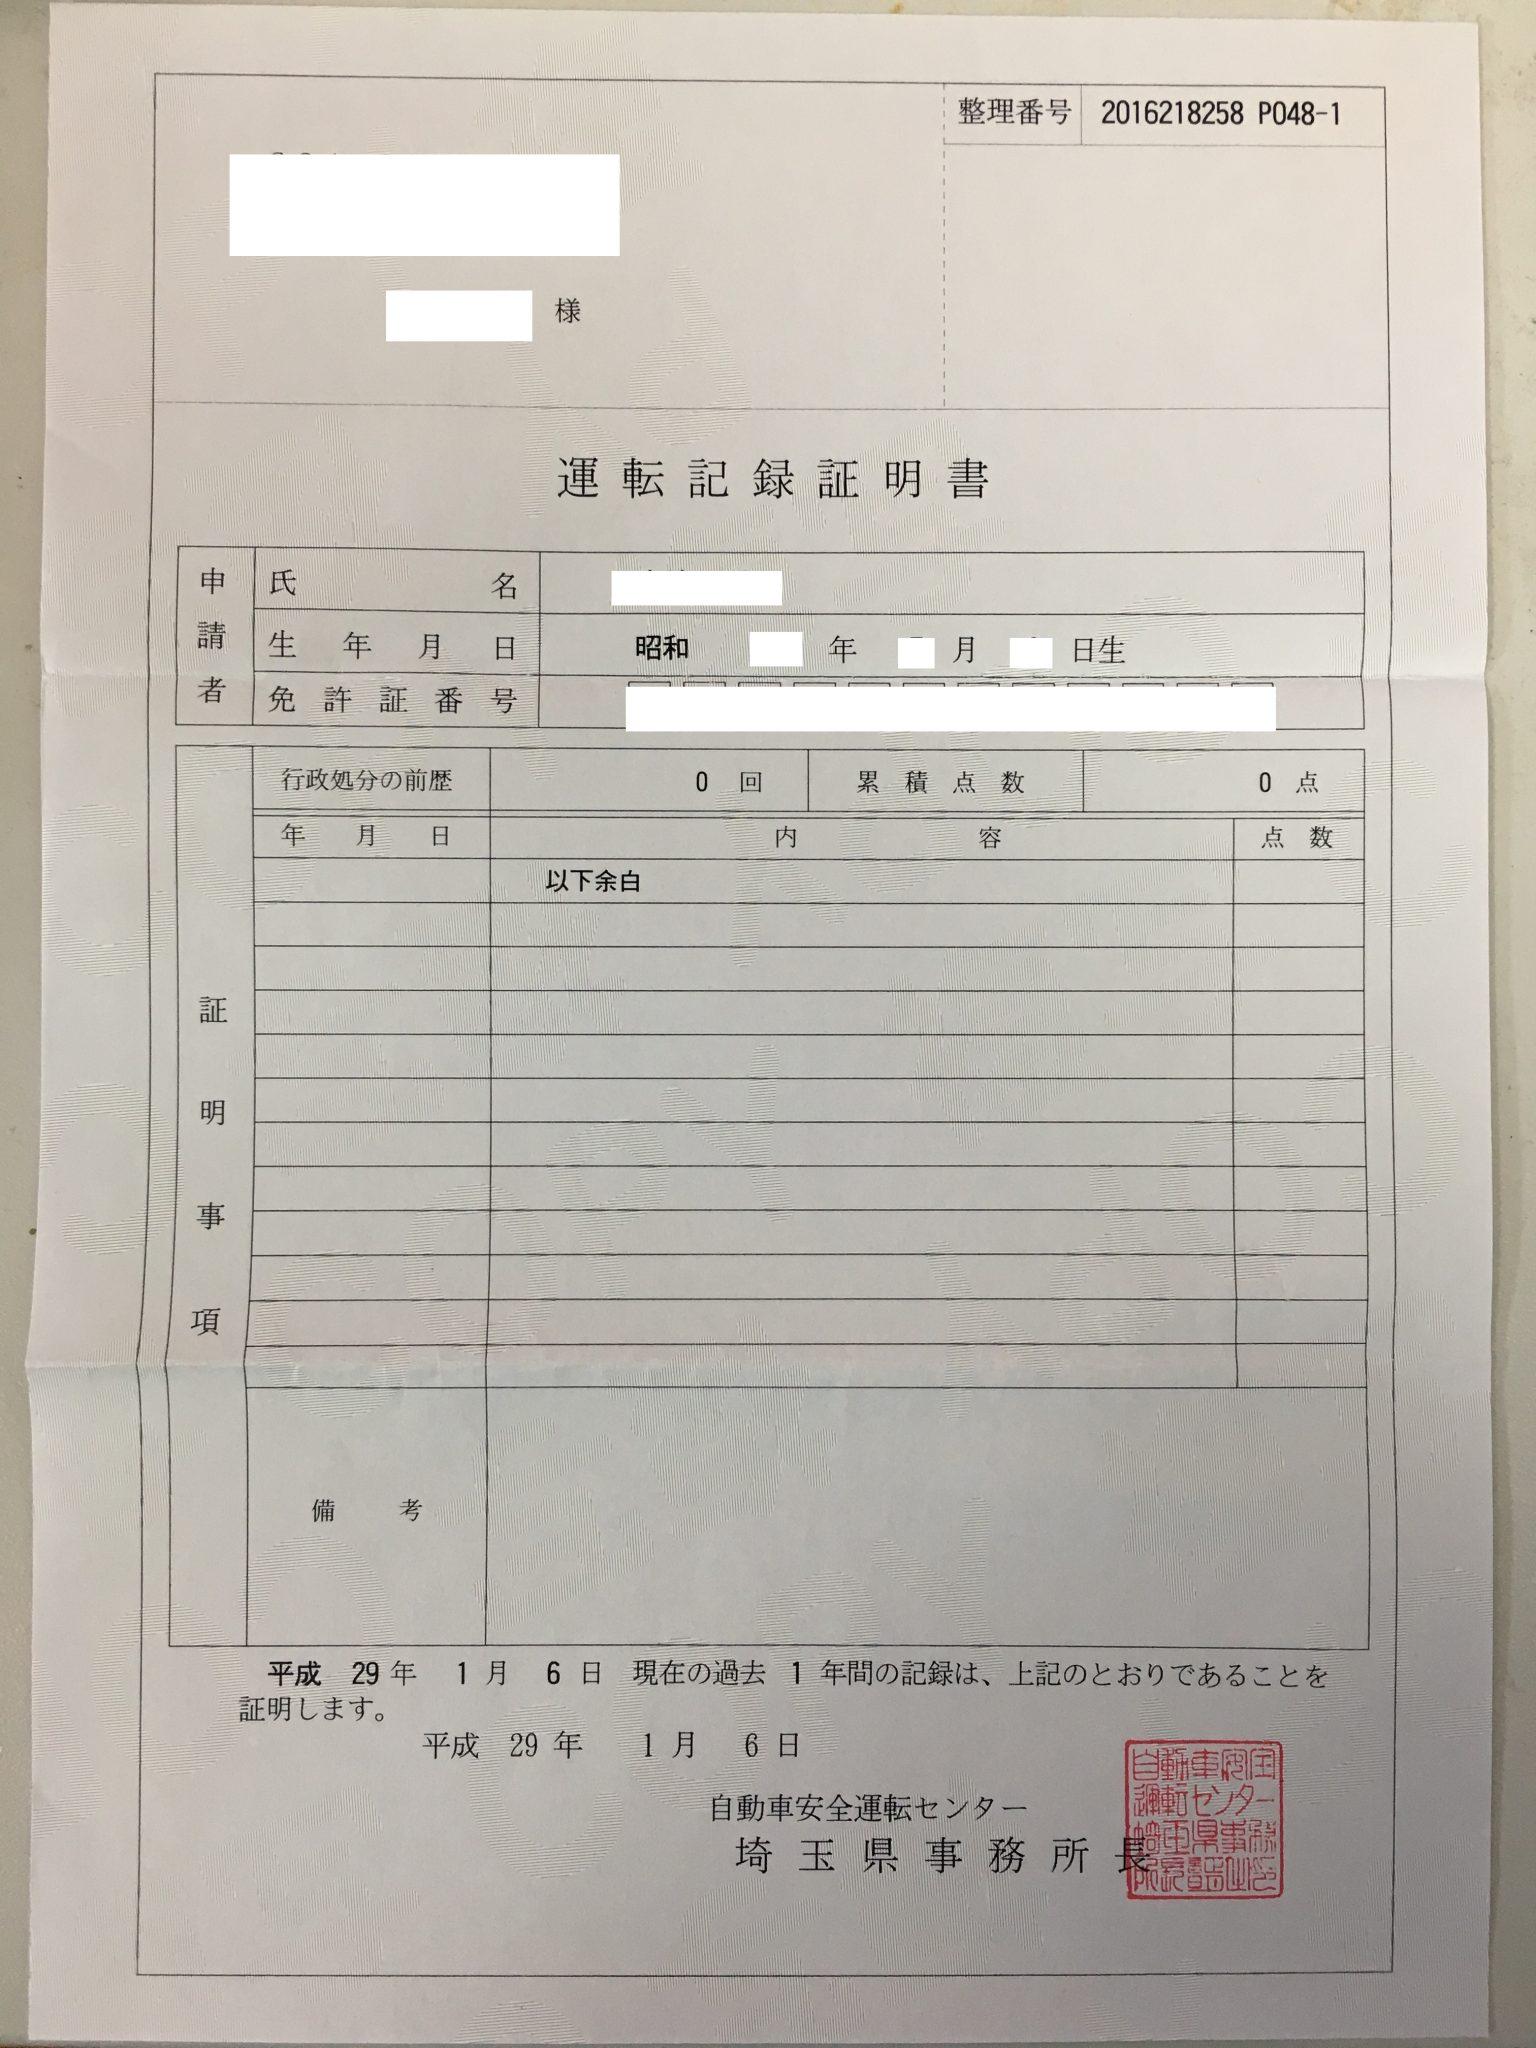 運転記録証明書